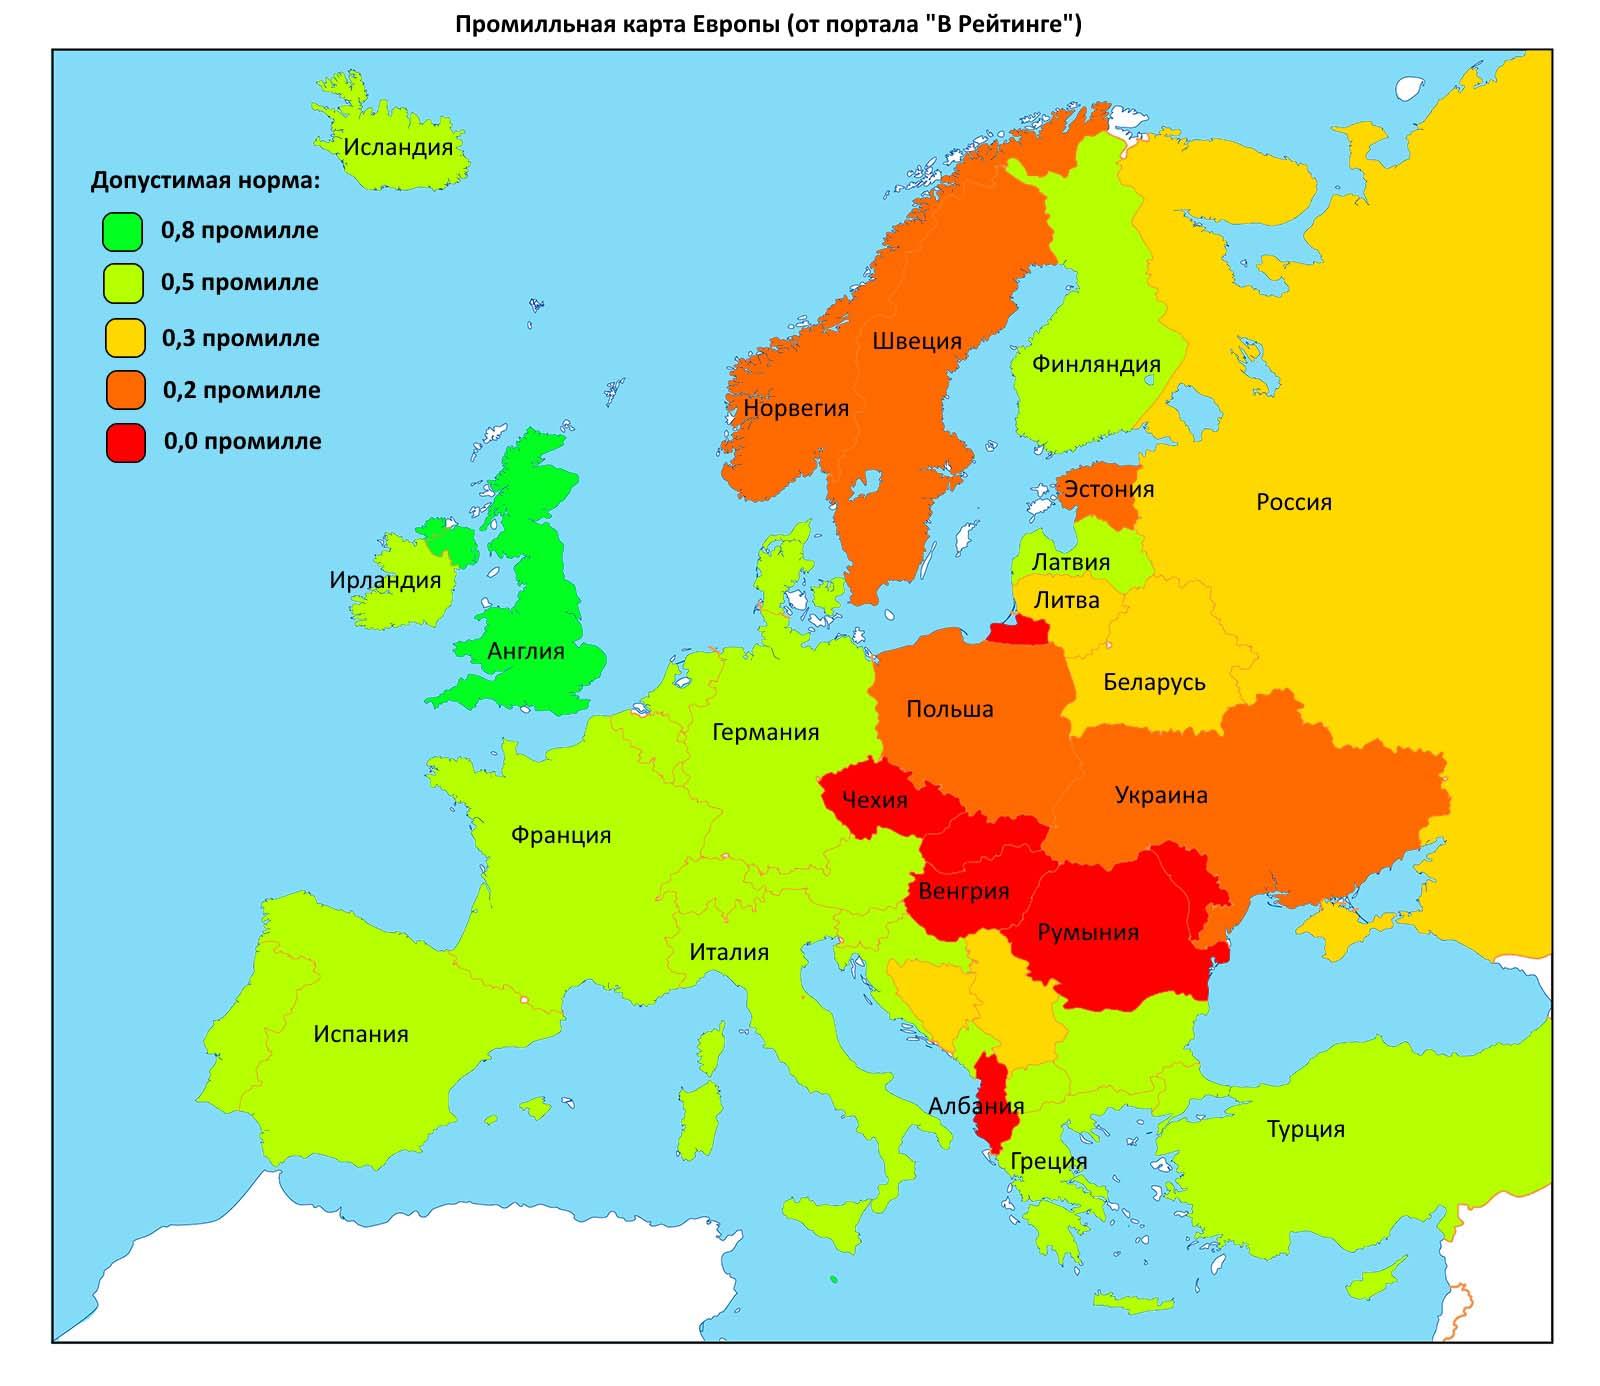 Допустимая норма алкоголя для водителей в Европе